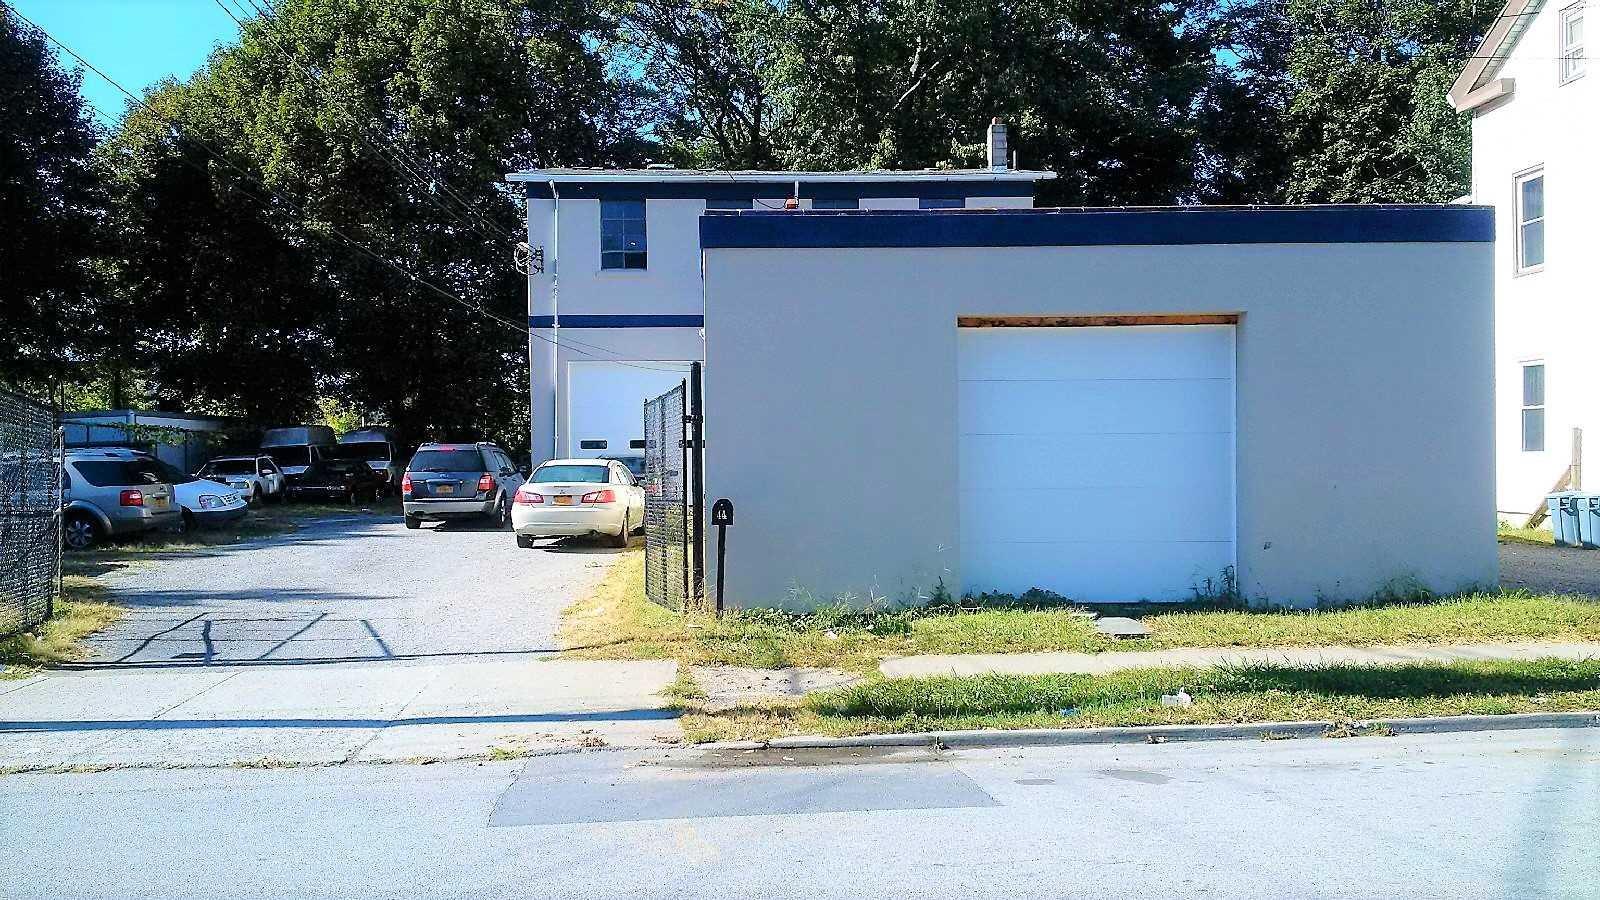 44 SMITH STREET, Poughkeepsie City, NY 12601